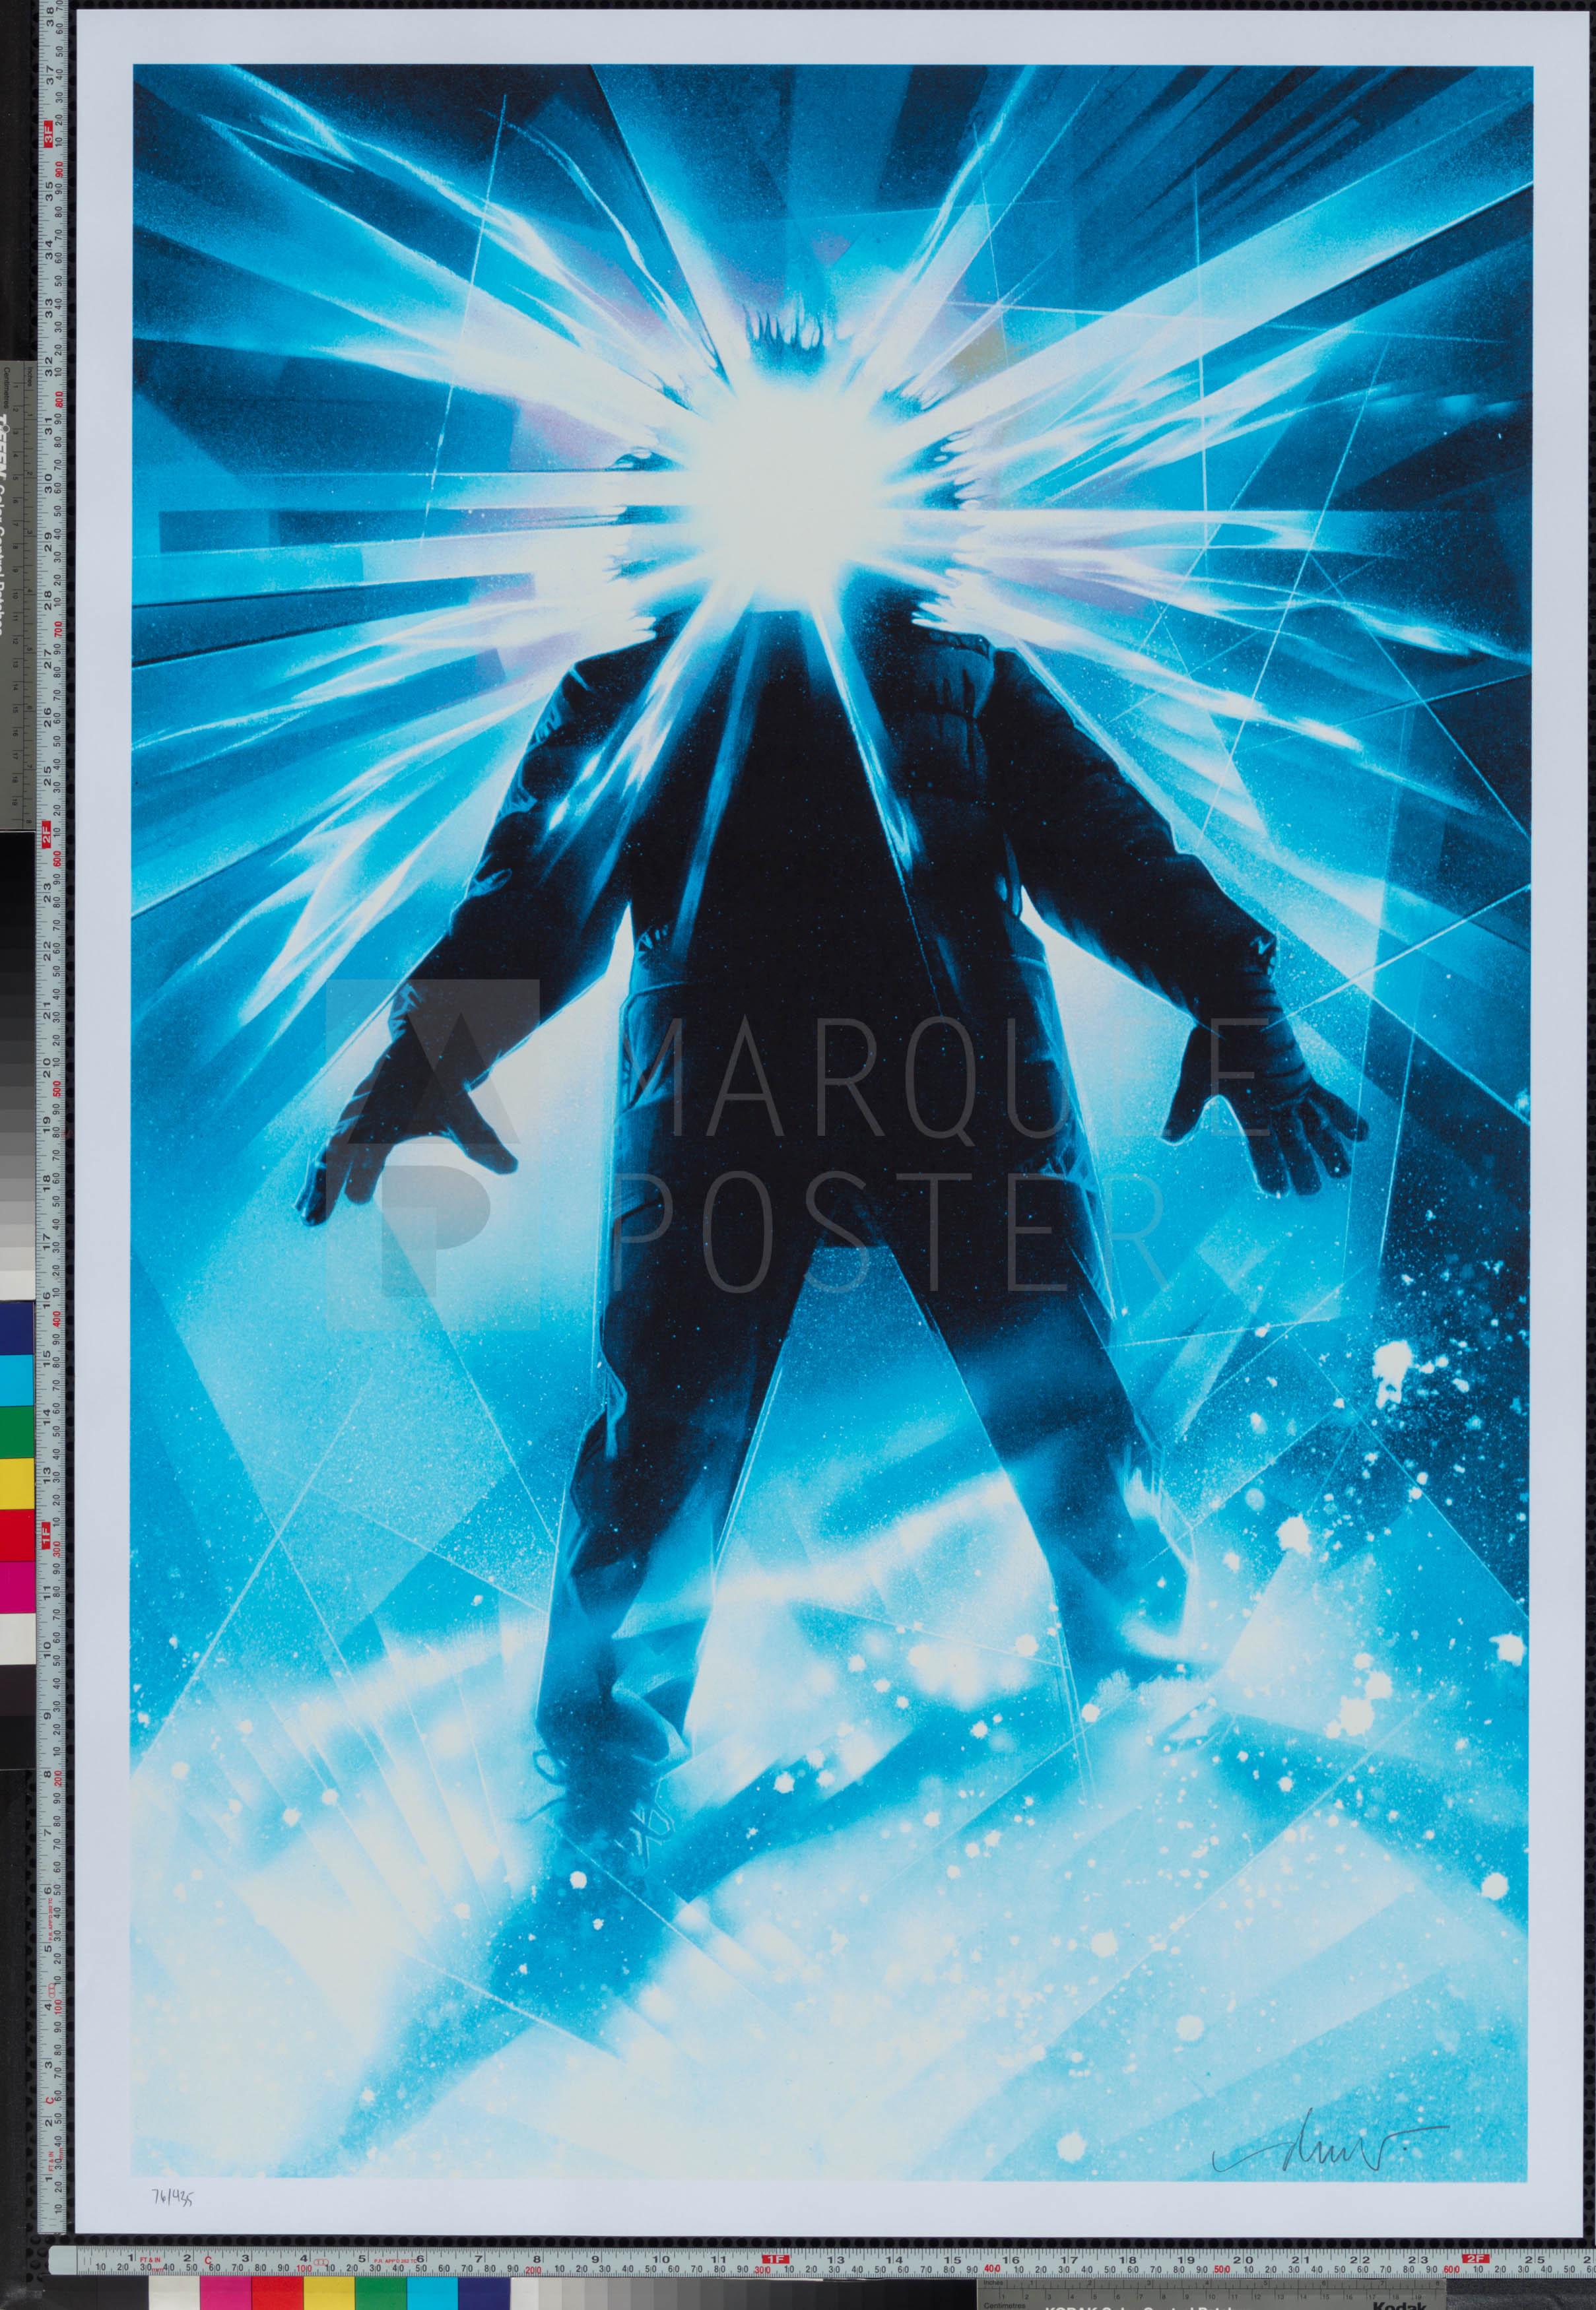 8-thing-art-print-us-1-sheet-2012-02